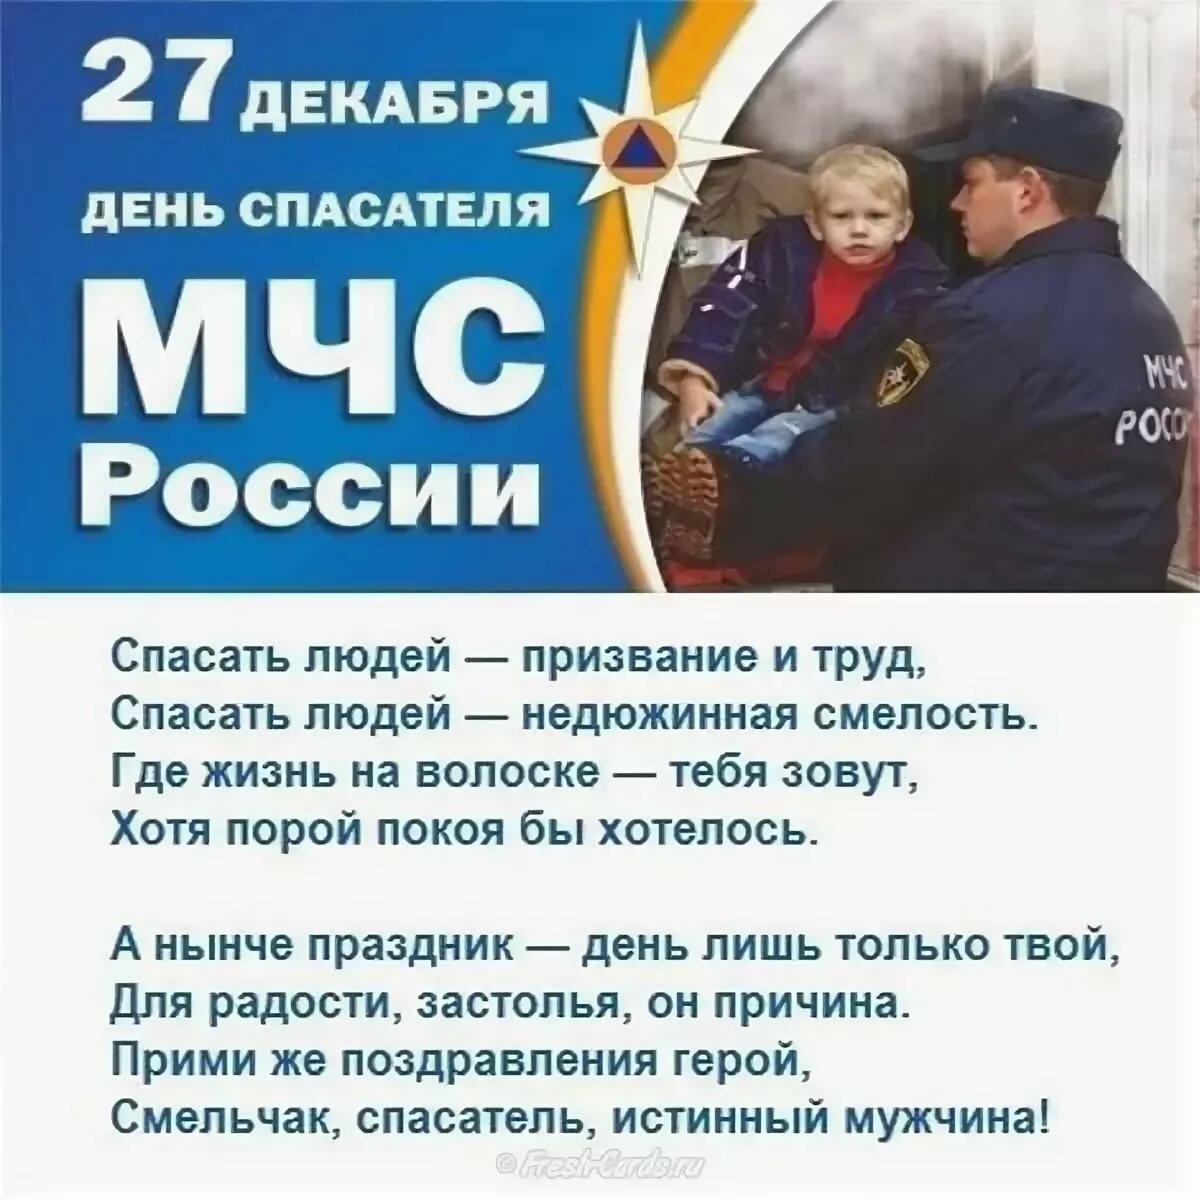 Картинки с днем мчс россии, днем рождения